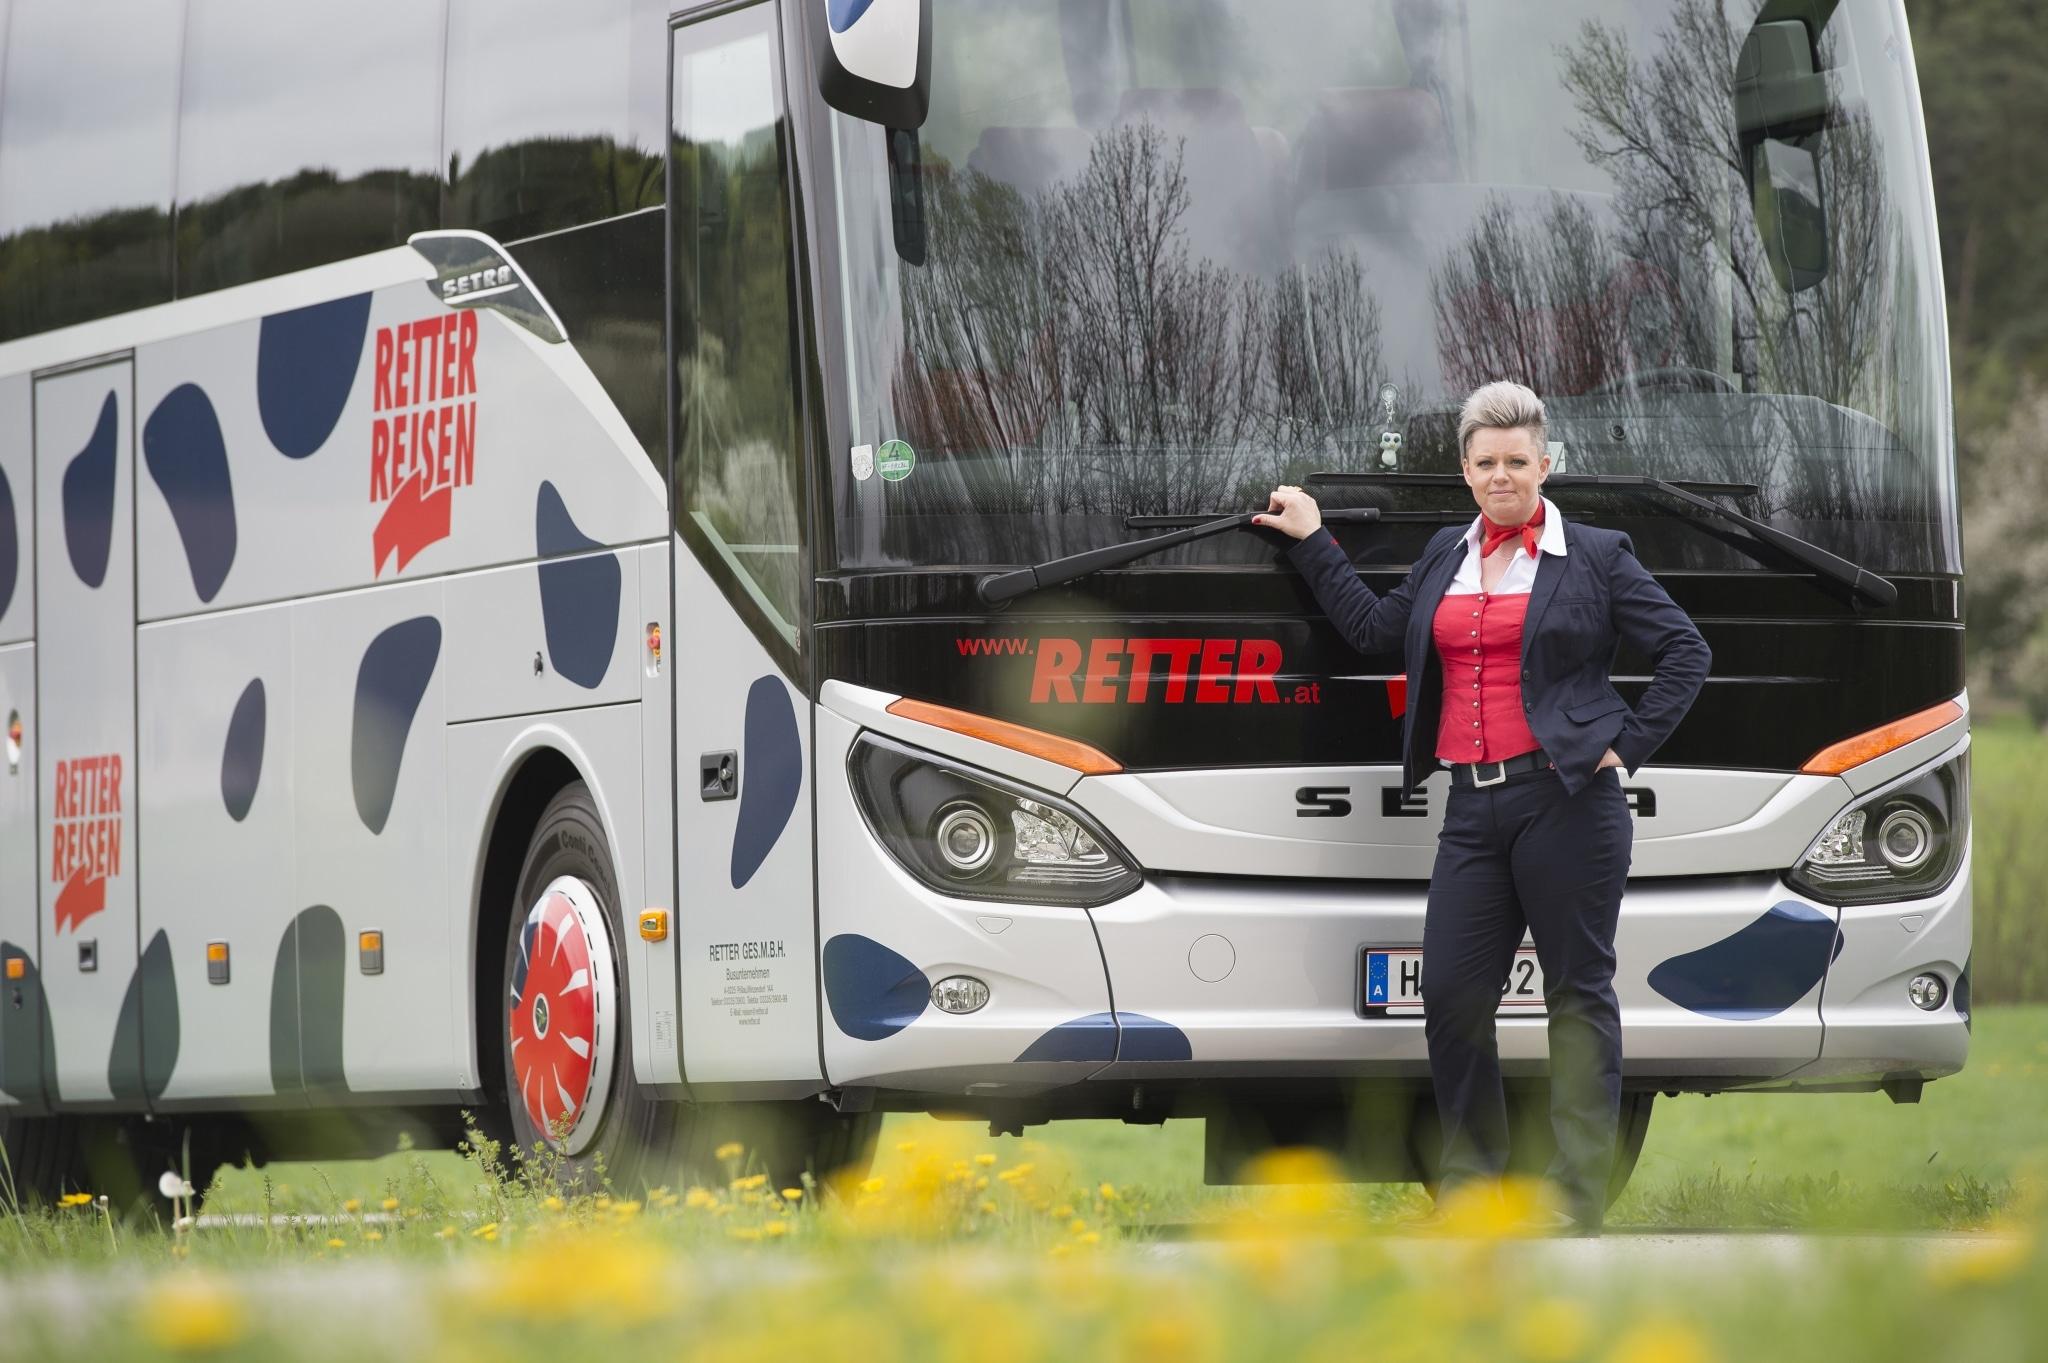 RETTER Luxus-Reisebus